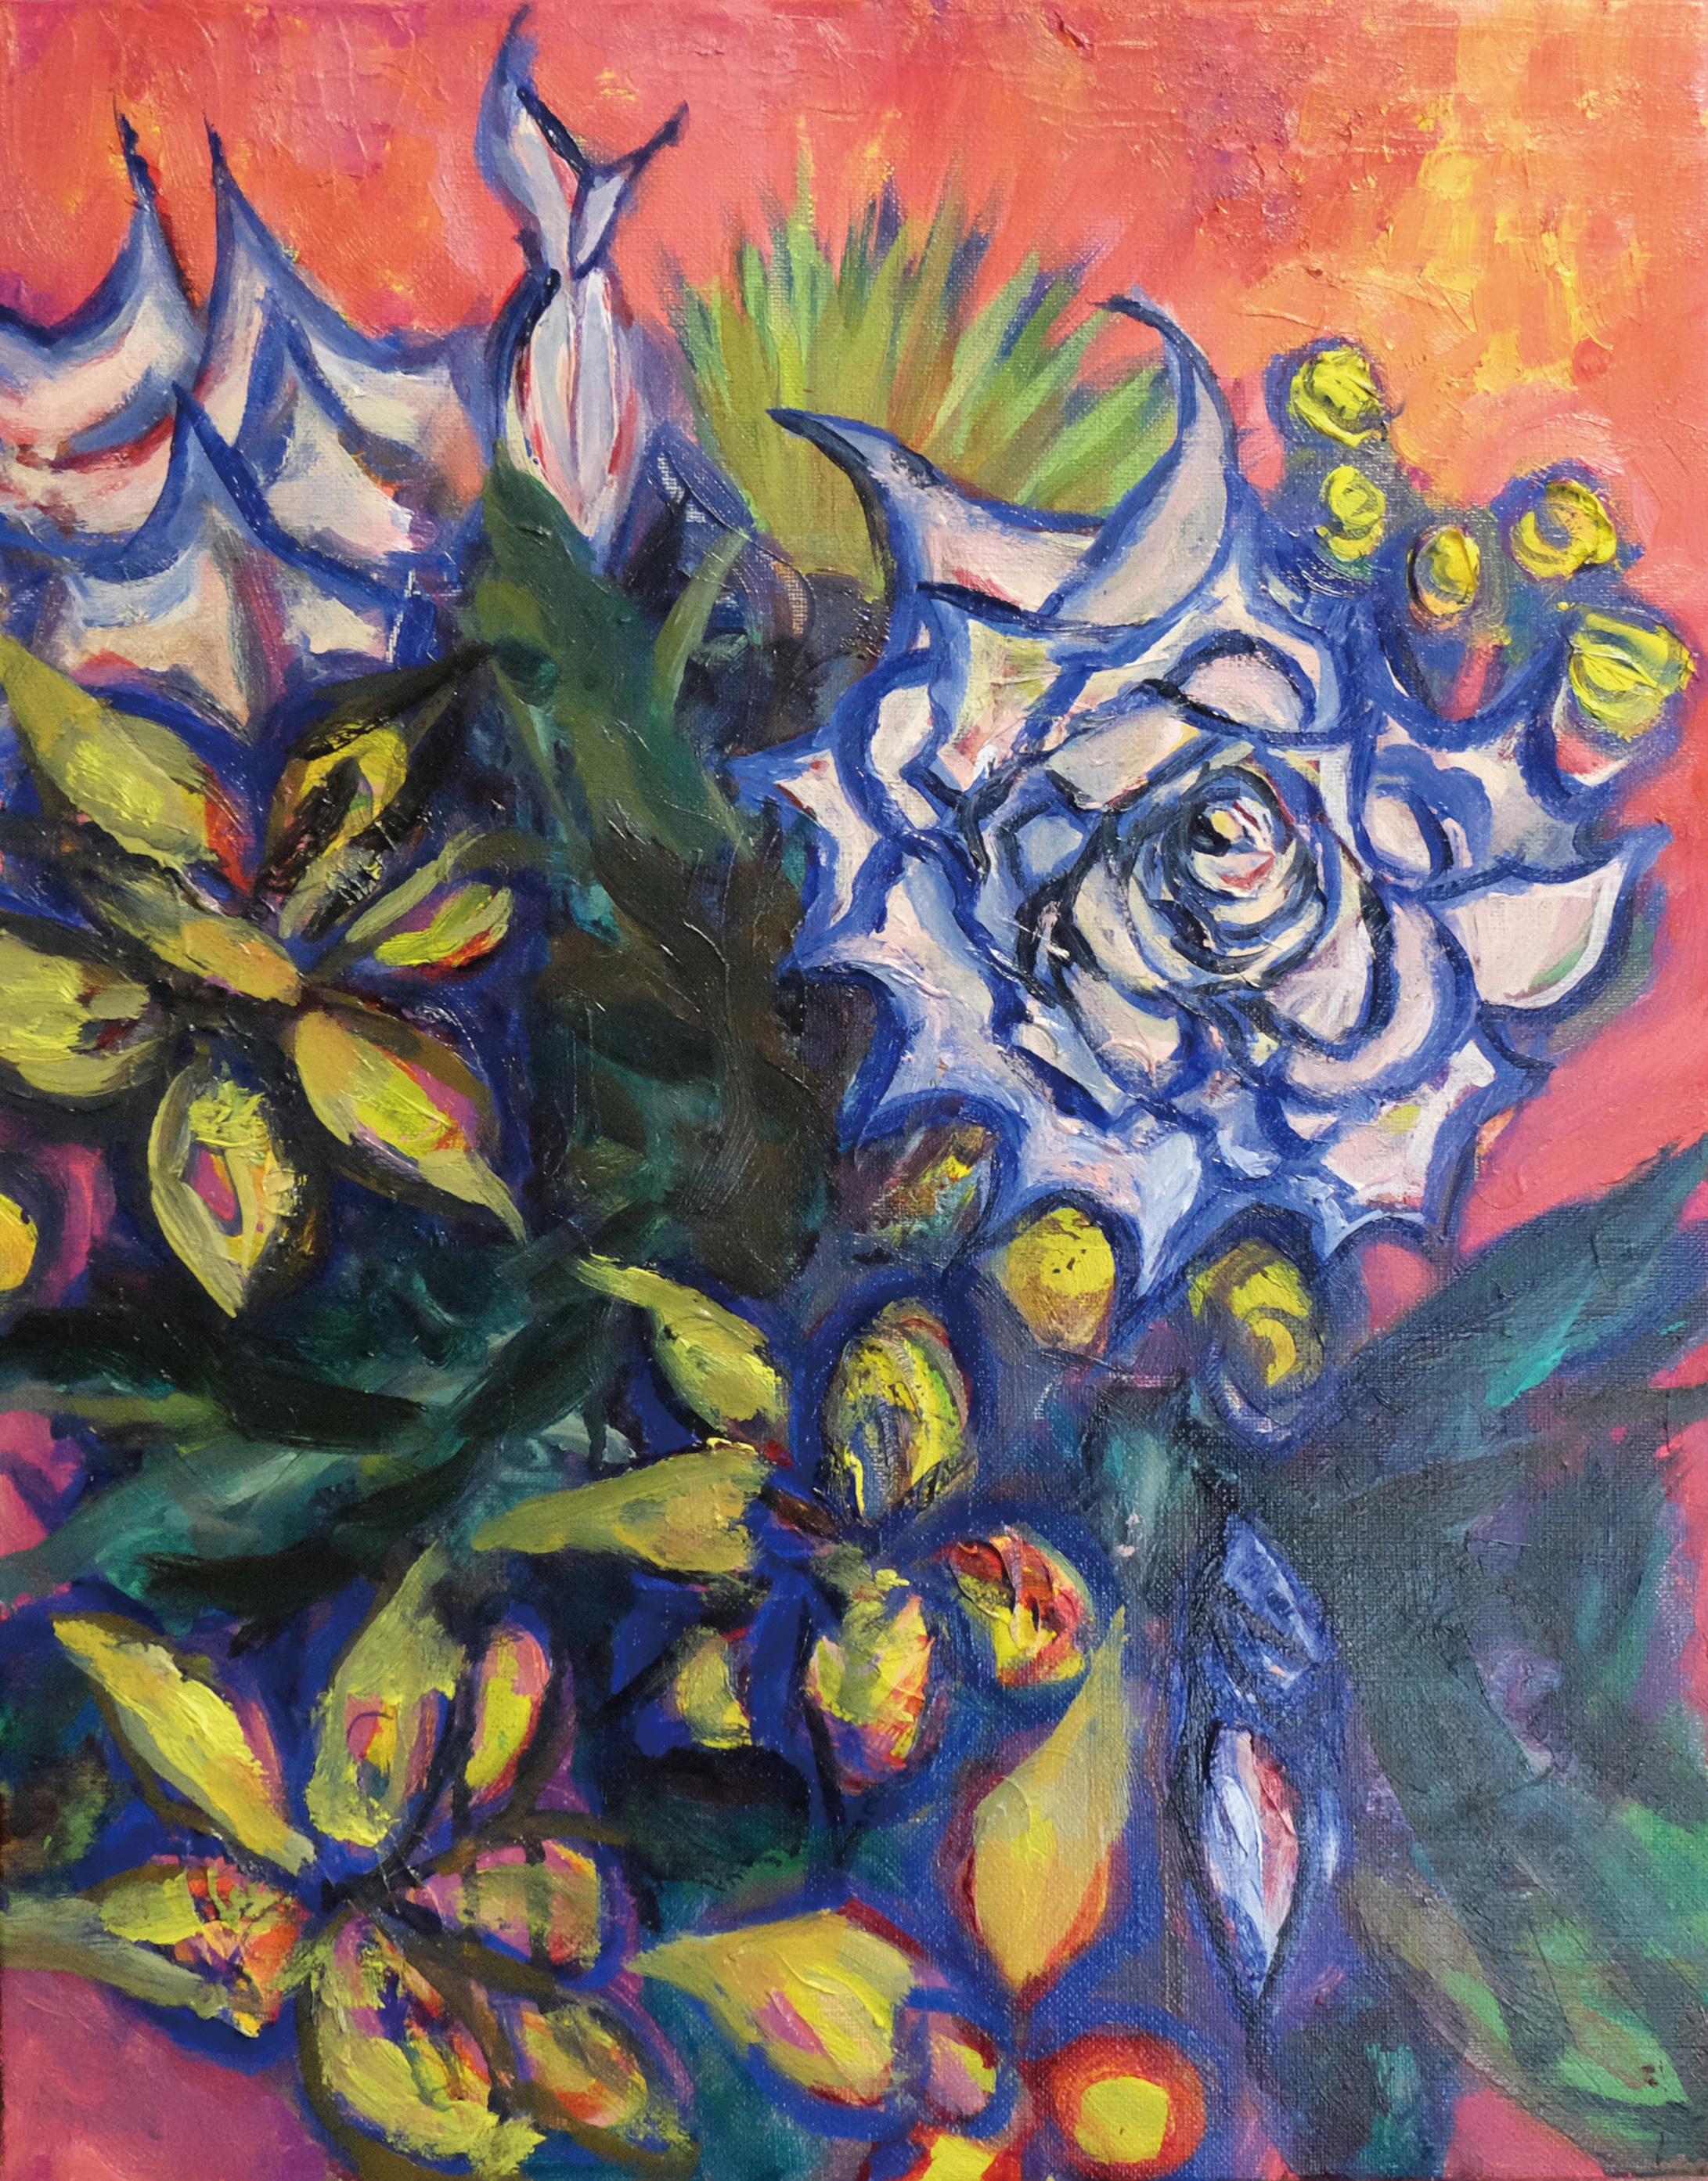 不敵な花/Defiant flowers